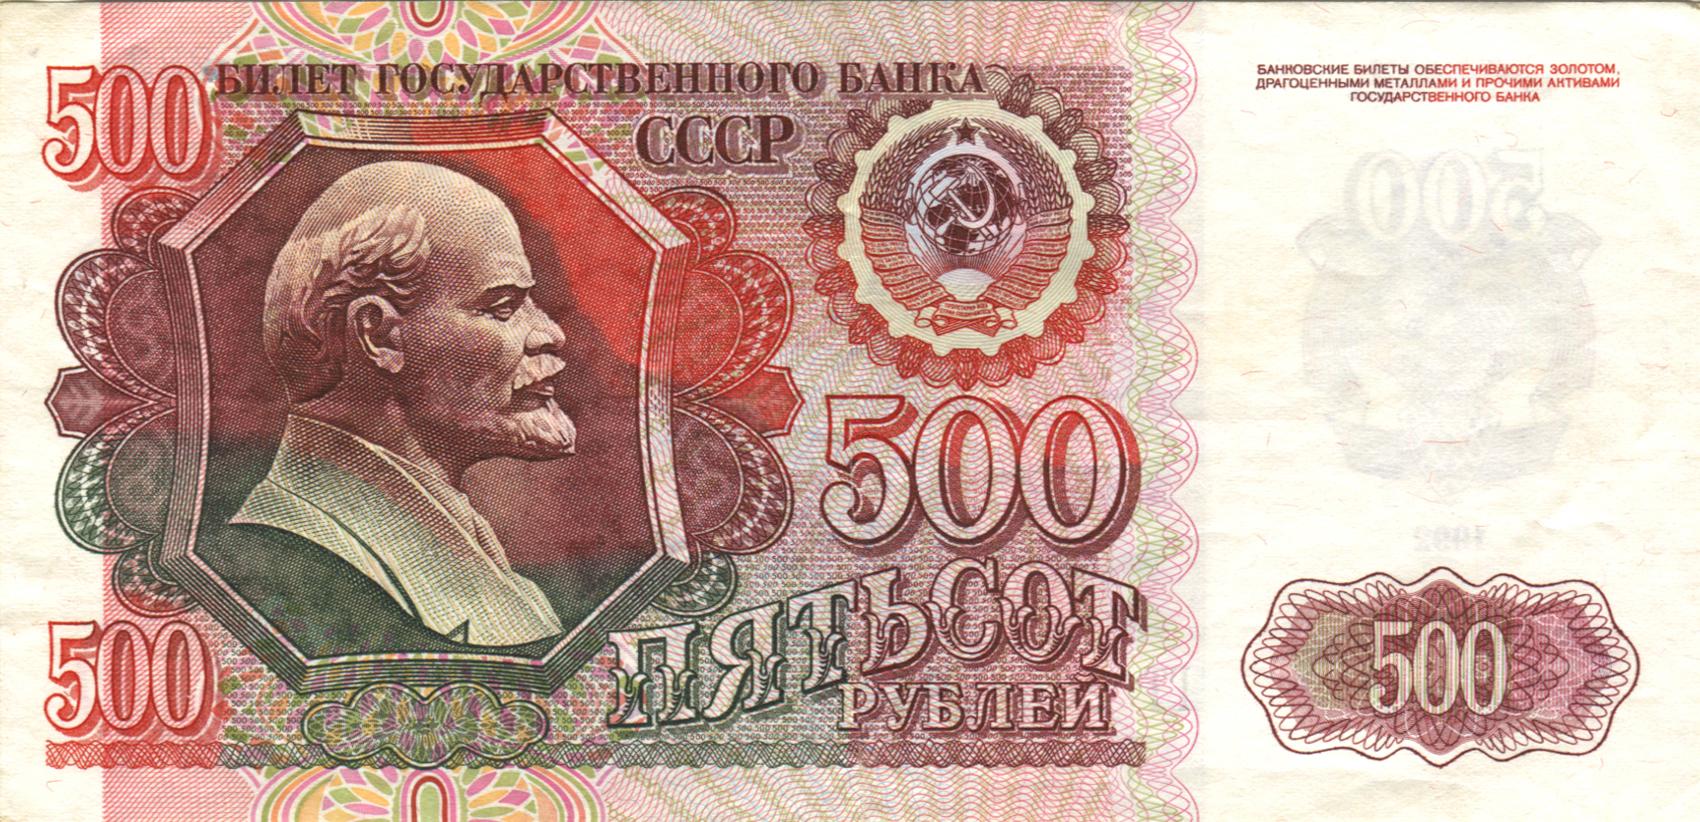 500 rub.jpg